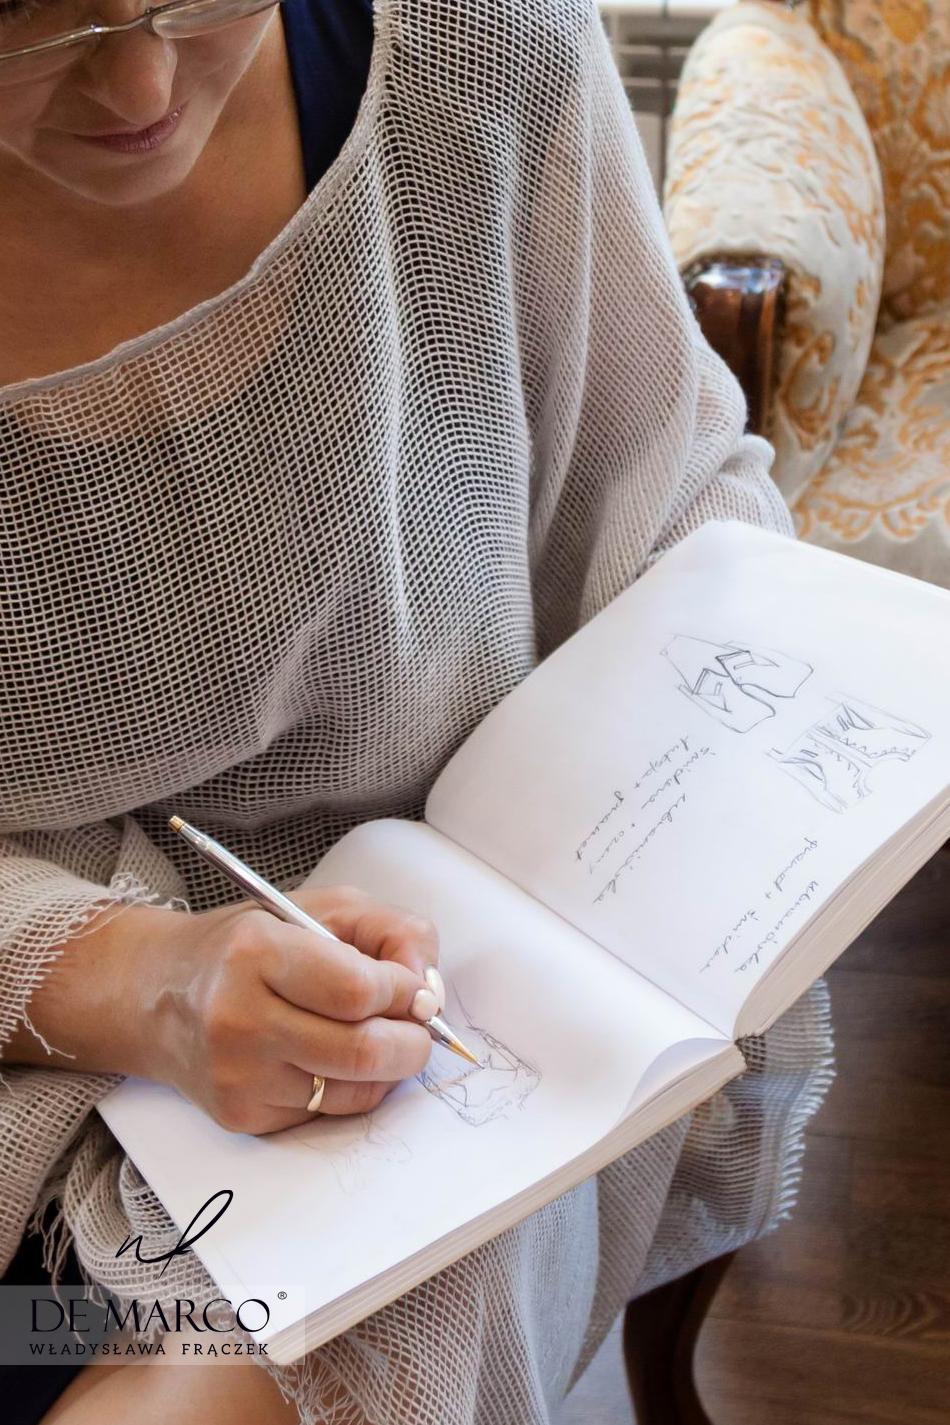 Stylizacja i projektowanie sukienki na wesele dla mamy lub garsonki na komunię w De Marco.U projektantki ubrań Agaty Dudy.